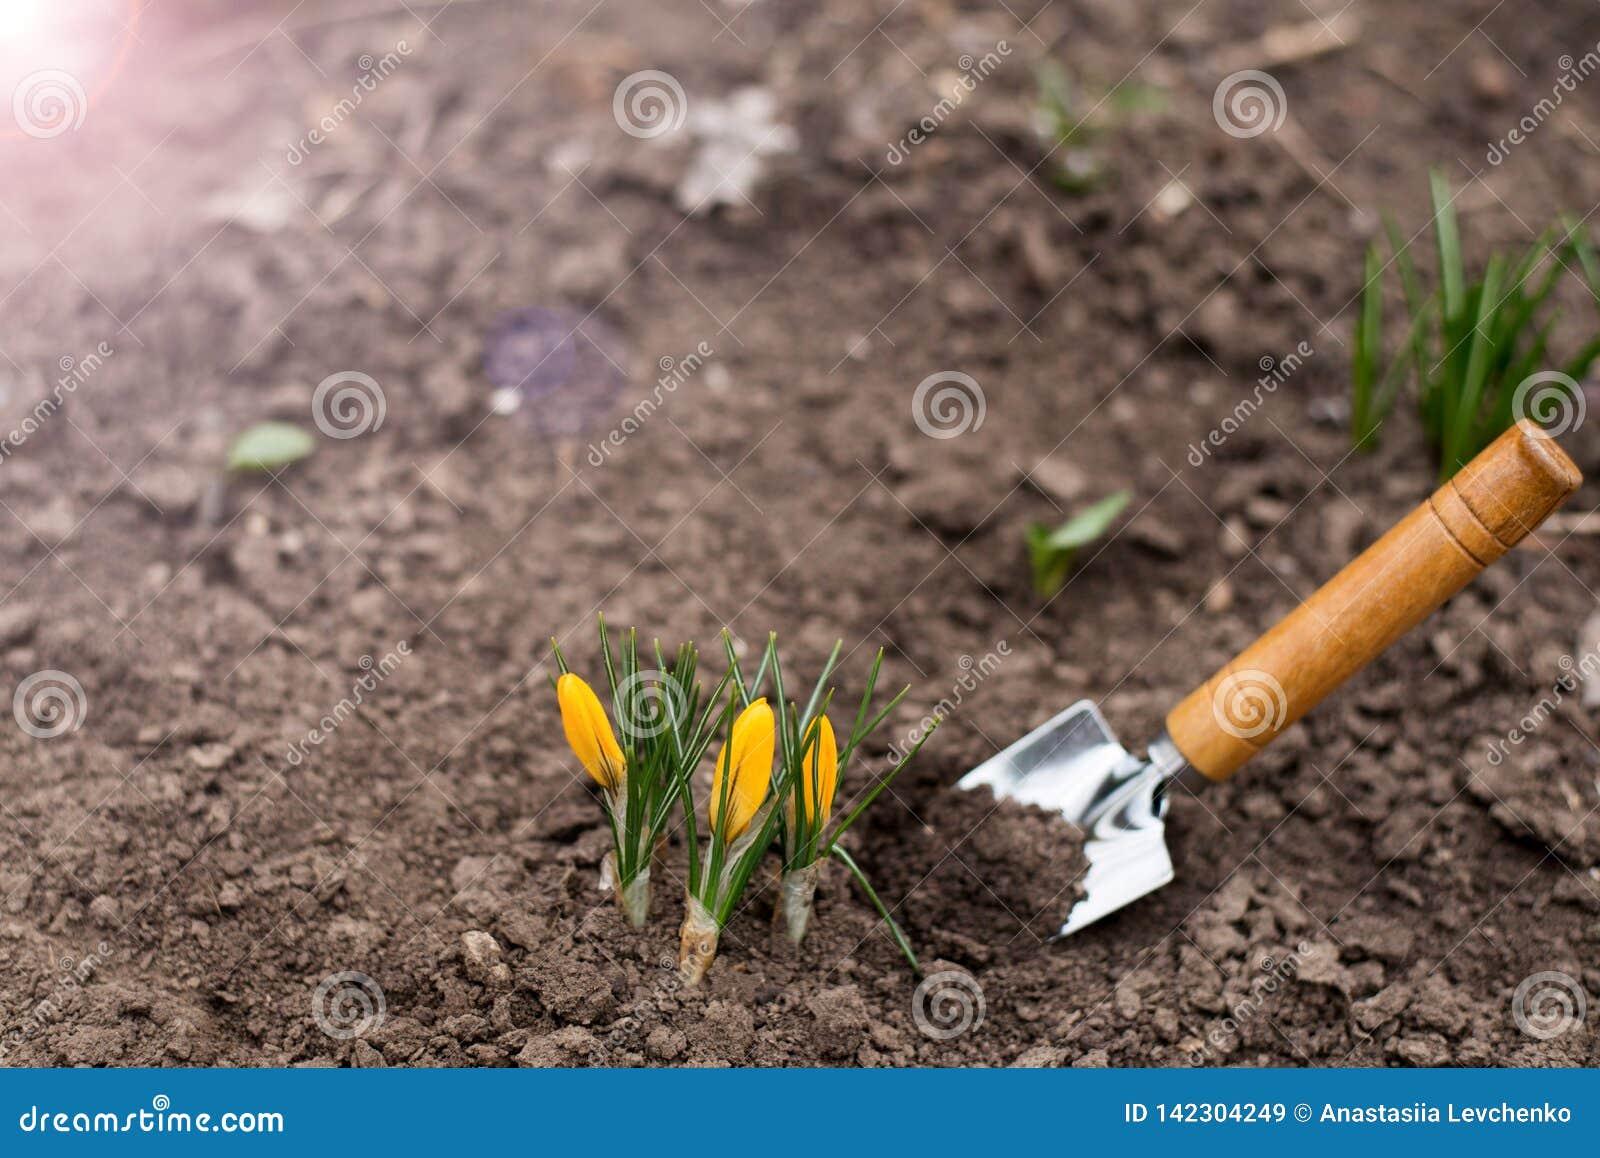 Premières pousses de ressort Place pour le texte Copiez l espace Concept de jardinage Ressort Fond de nature